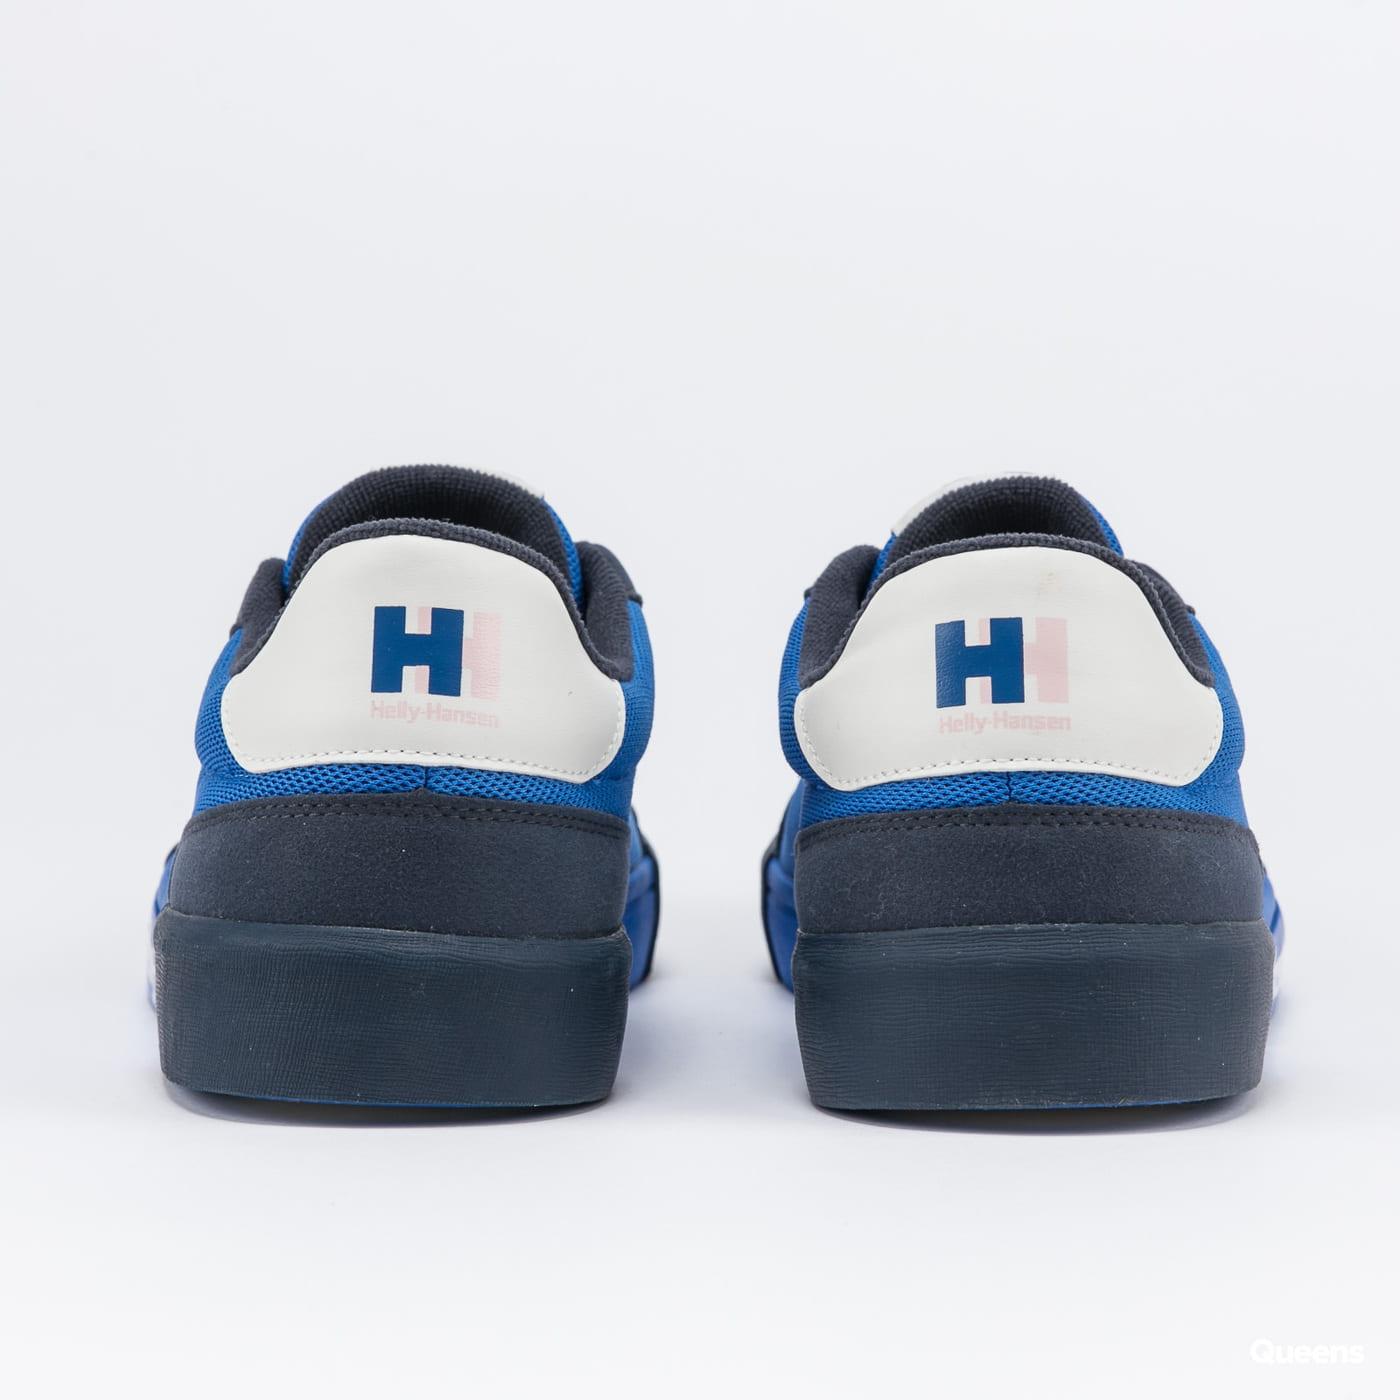 Helly Hansen Moss V-1 sonic blue / slate